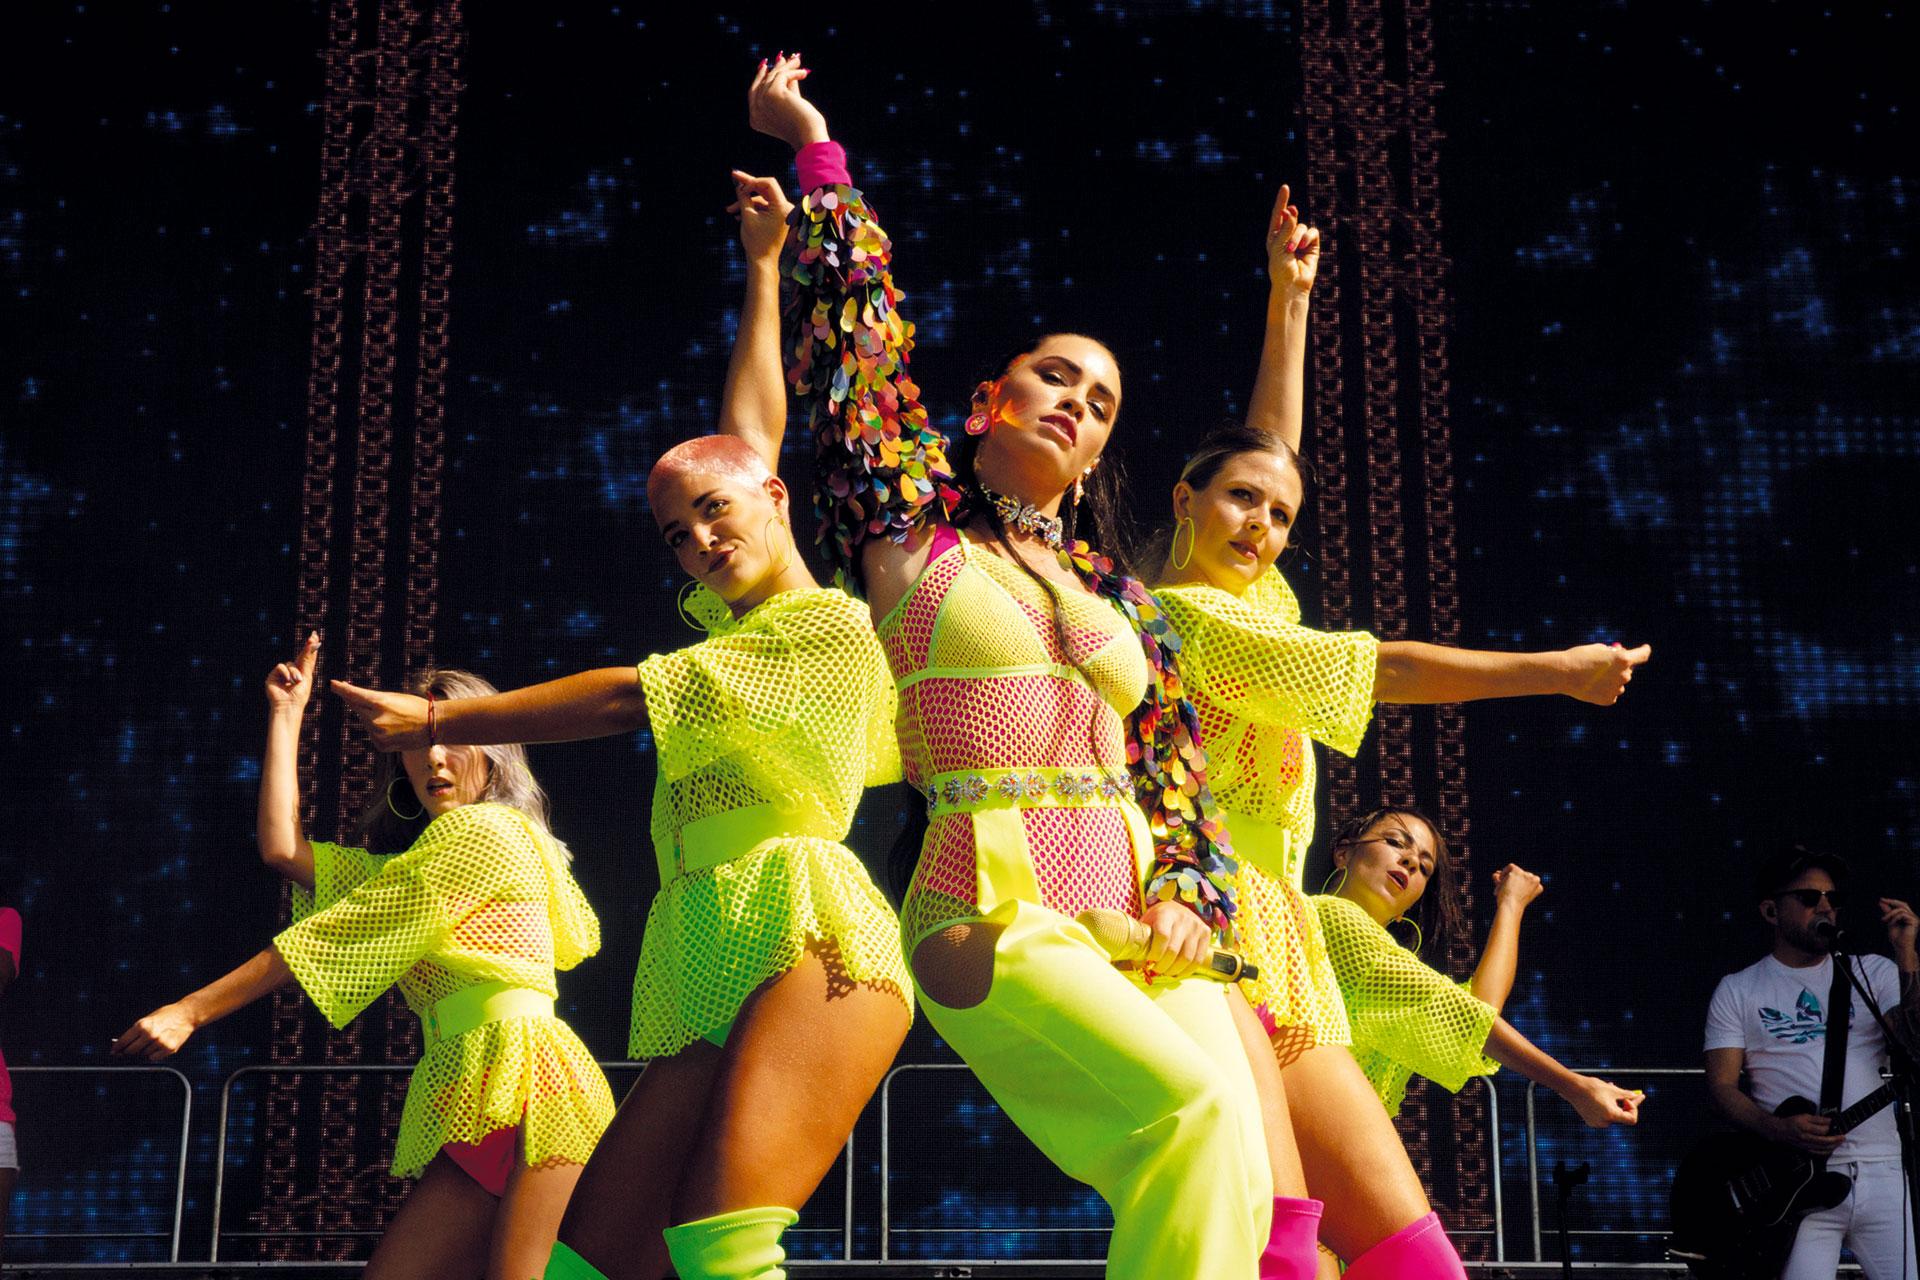 Con estilismo de su amiga Maru Venancio, Lali lució un jugado outfit de Guevara Ocampo en neón y sorprendió bajo el sol con coreos fuera de serie –su team de bailarinas estuvo a cargo de Denise De la Roche–.